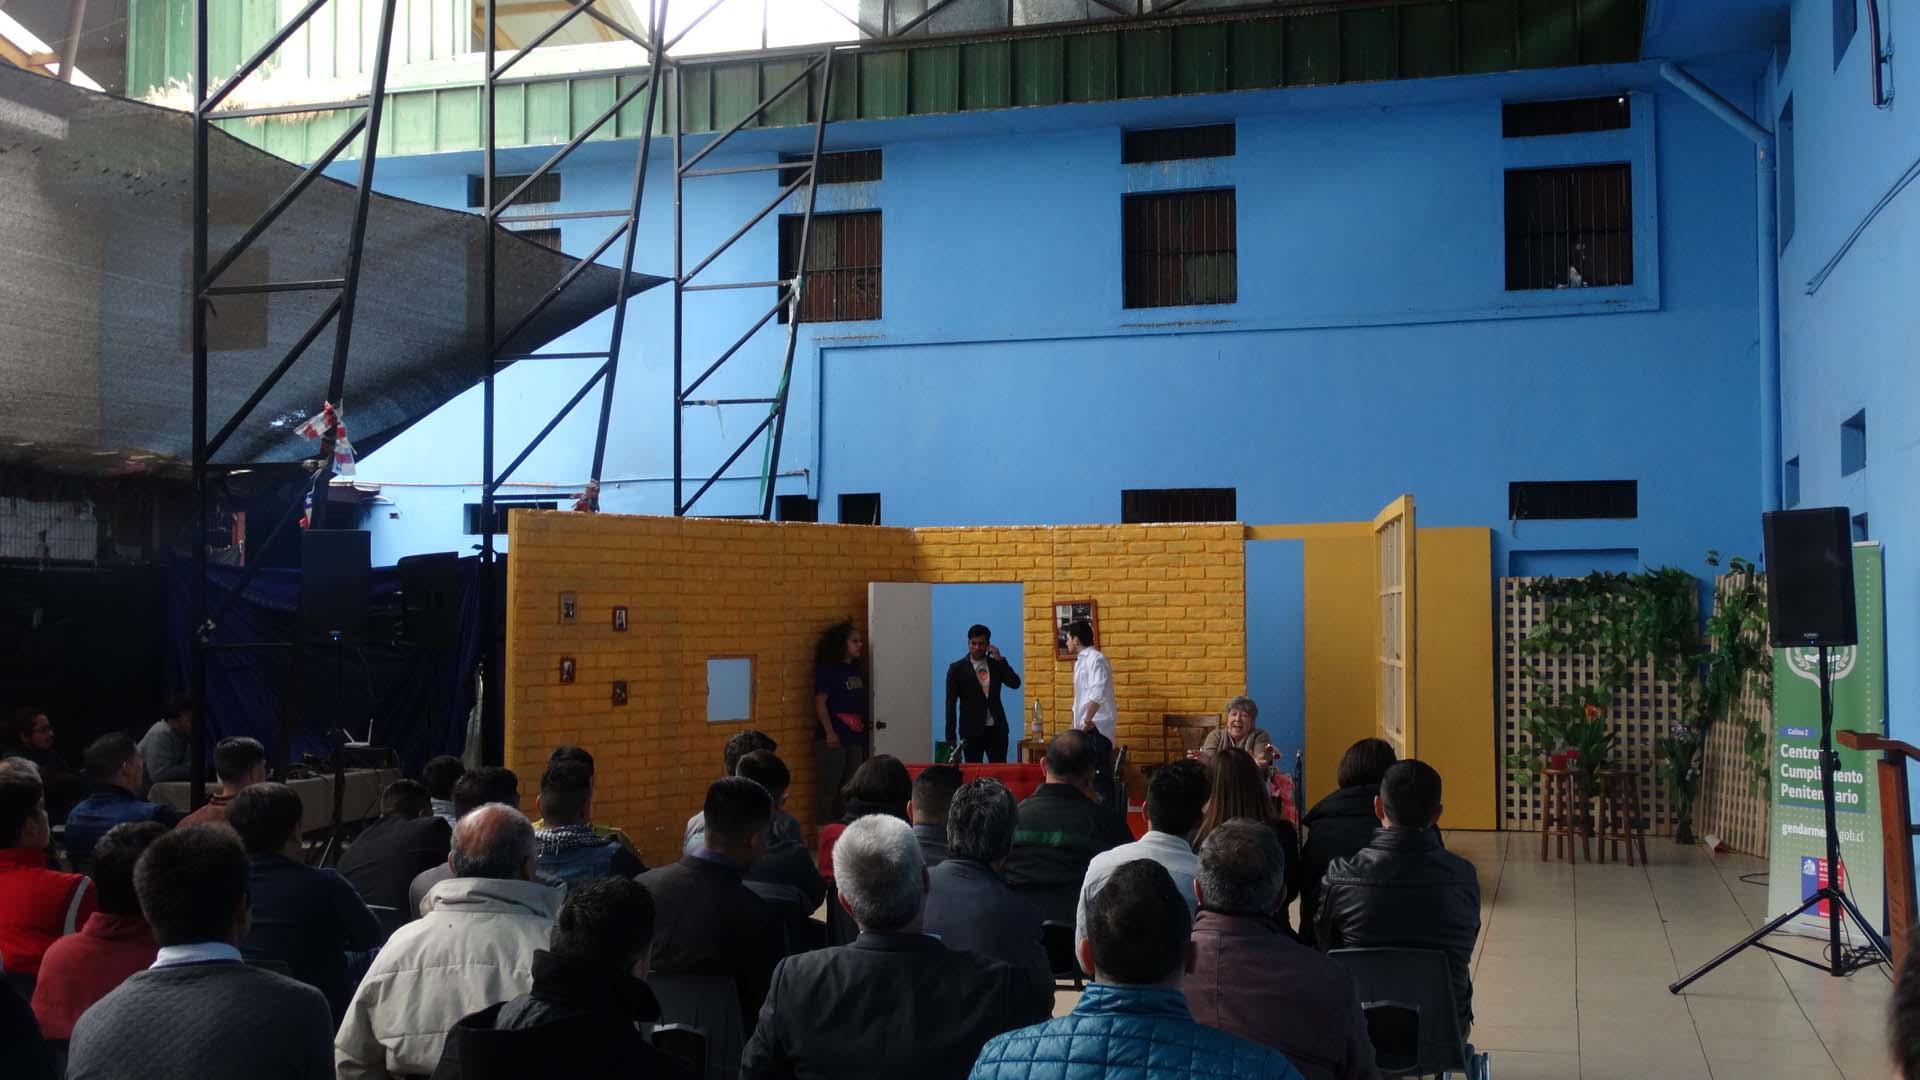 """Obra de teatro """"El desmontaje de los Pereira"""", en Centro Penitenciario Colina 2. Créditos: Gendarmería de Chile"""